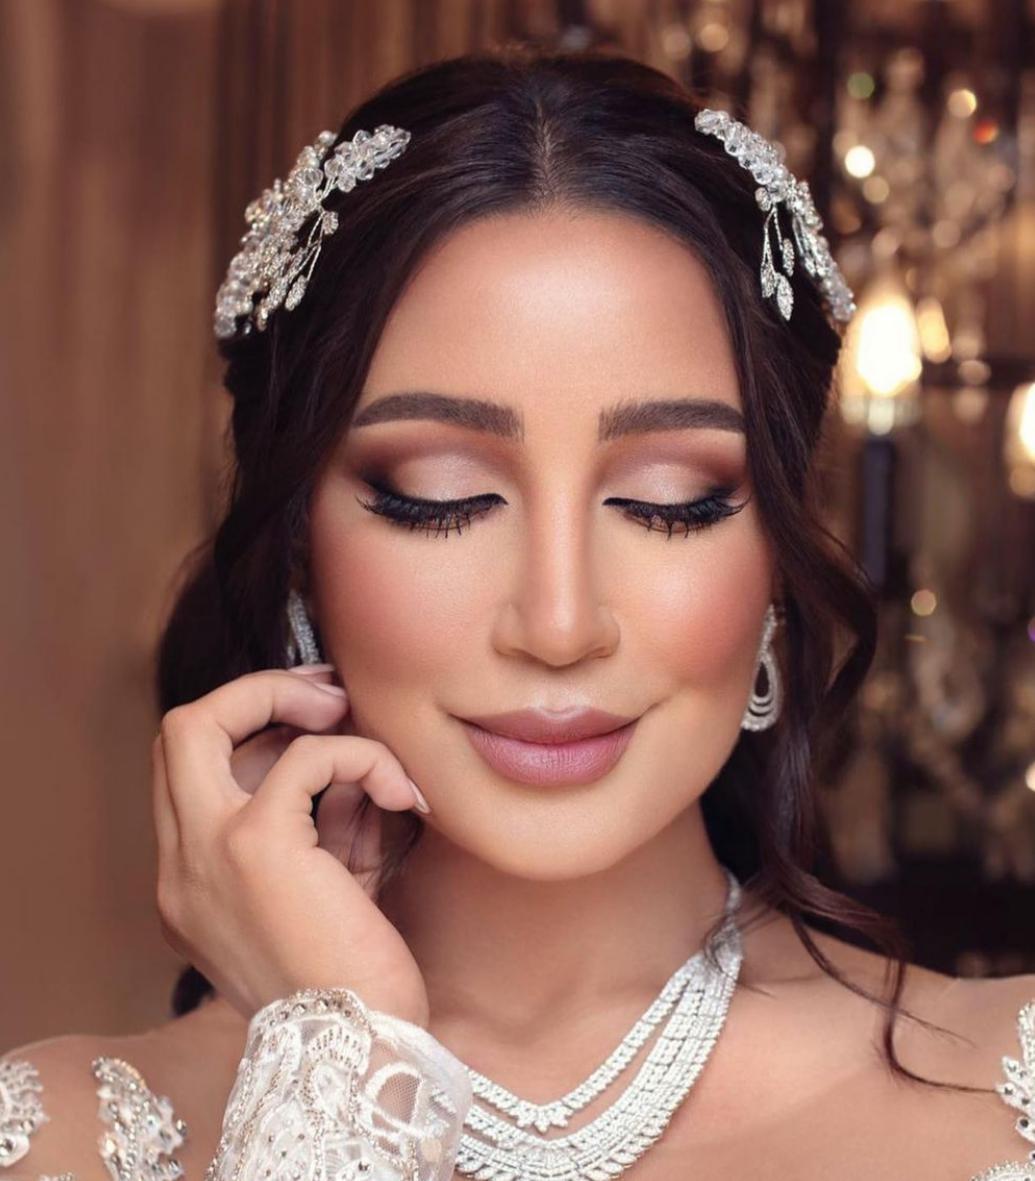 مكياج خليجي للعروس من أمل العنبري